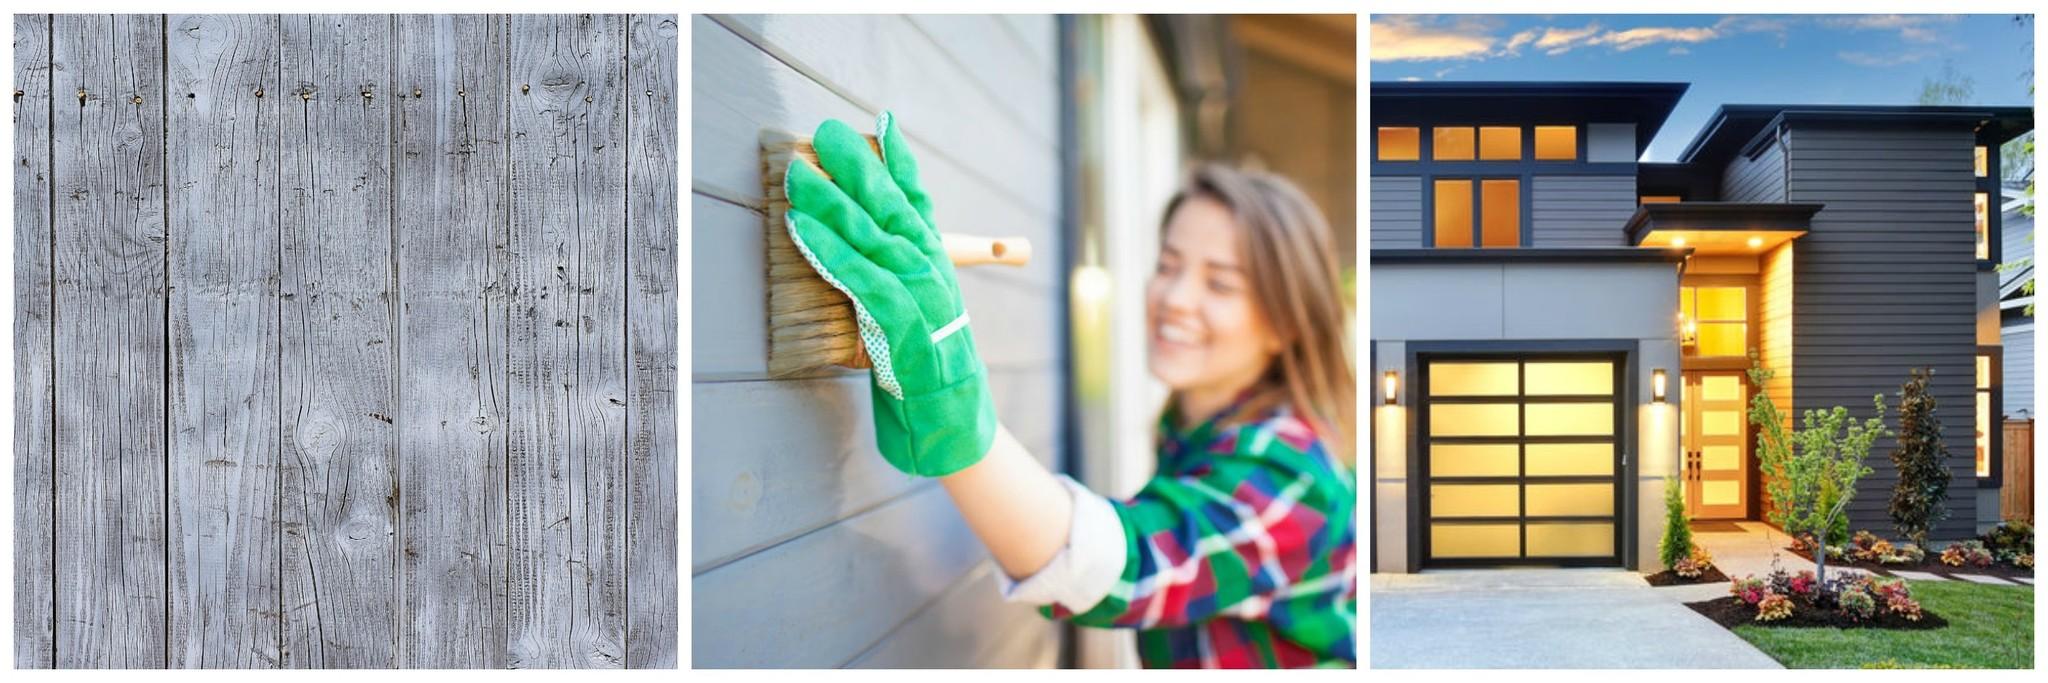 Vergrijzen van hout - Houten huis verven